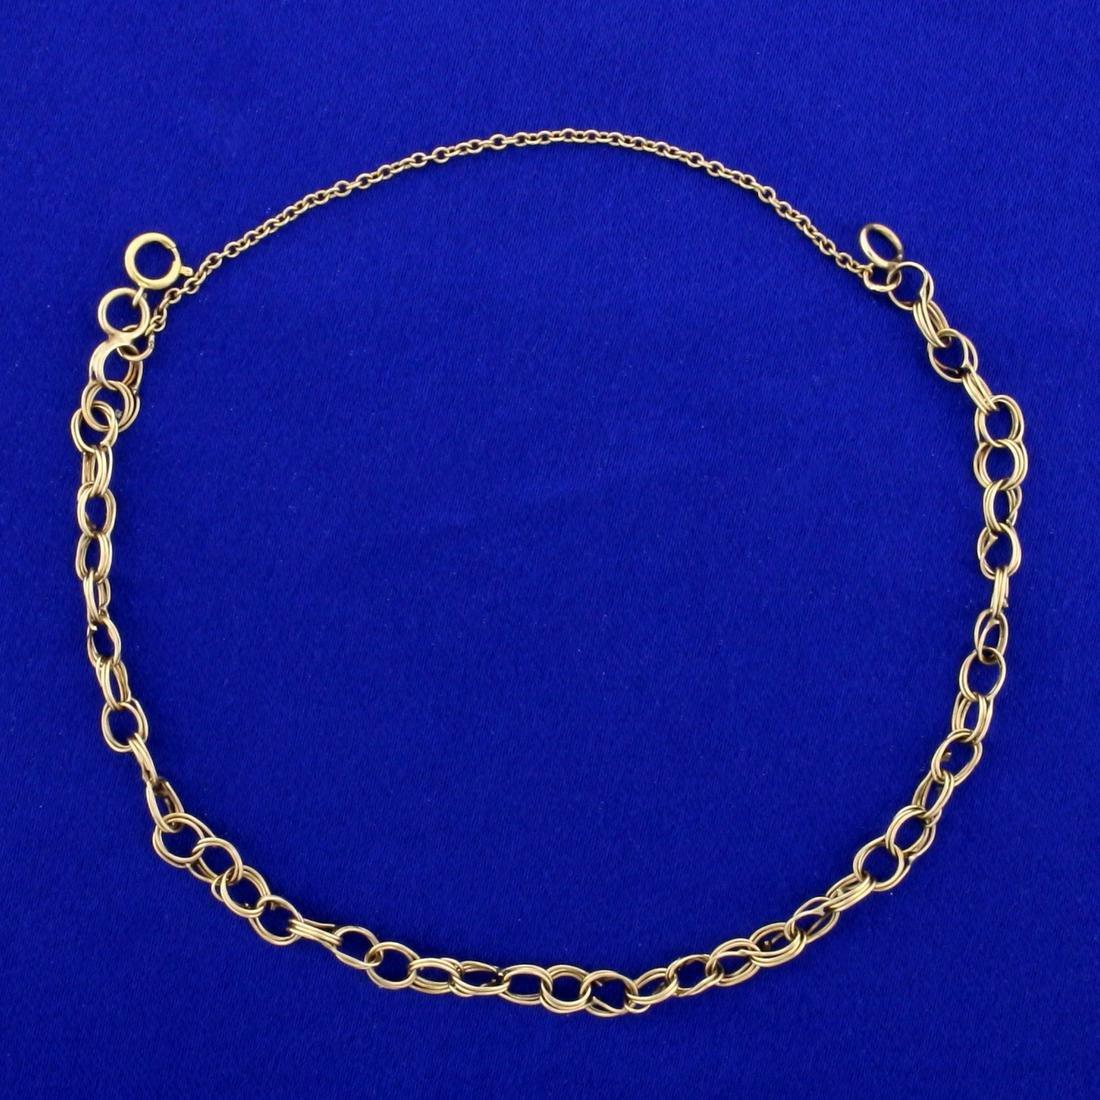 8 Inch Triple Link Bracelet in 14K Yellow Gold